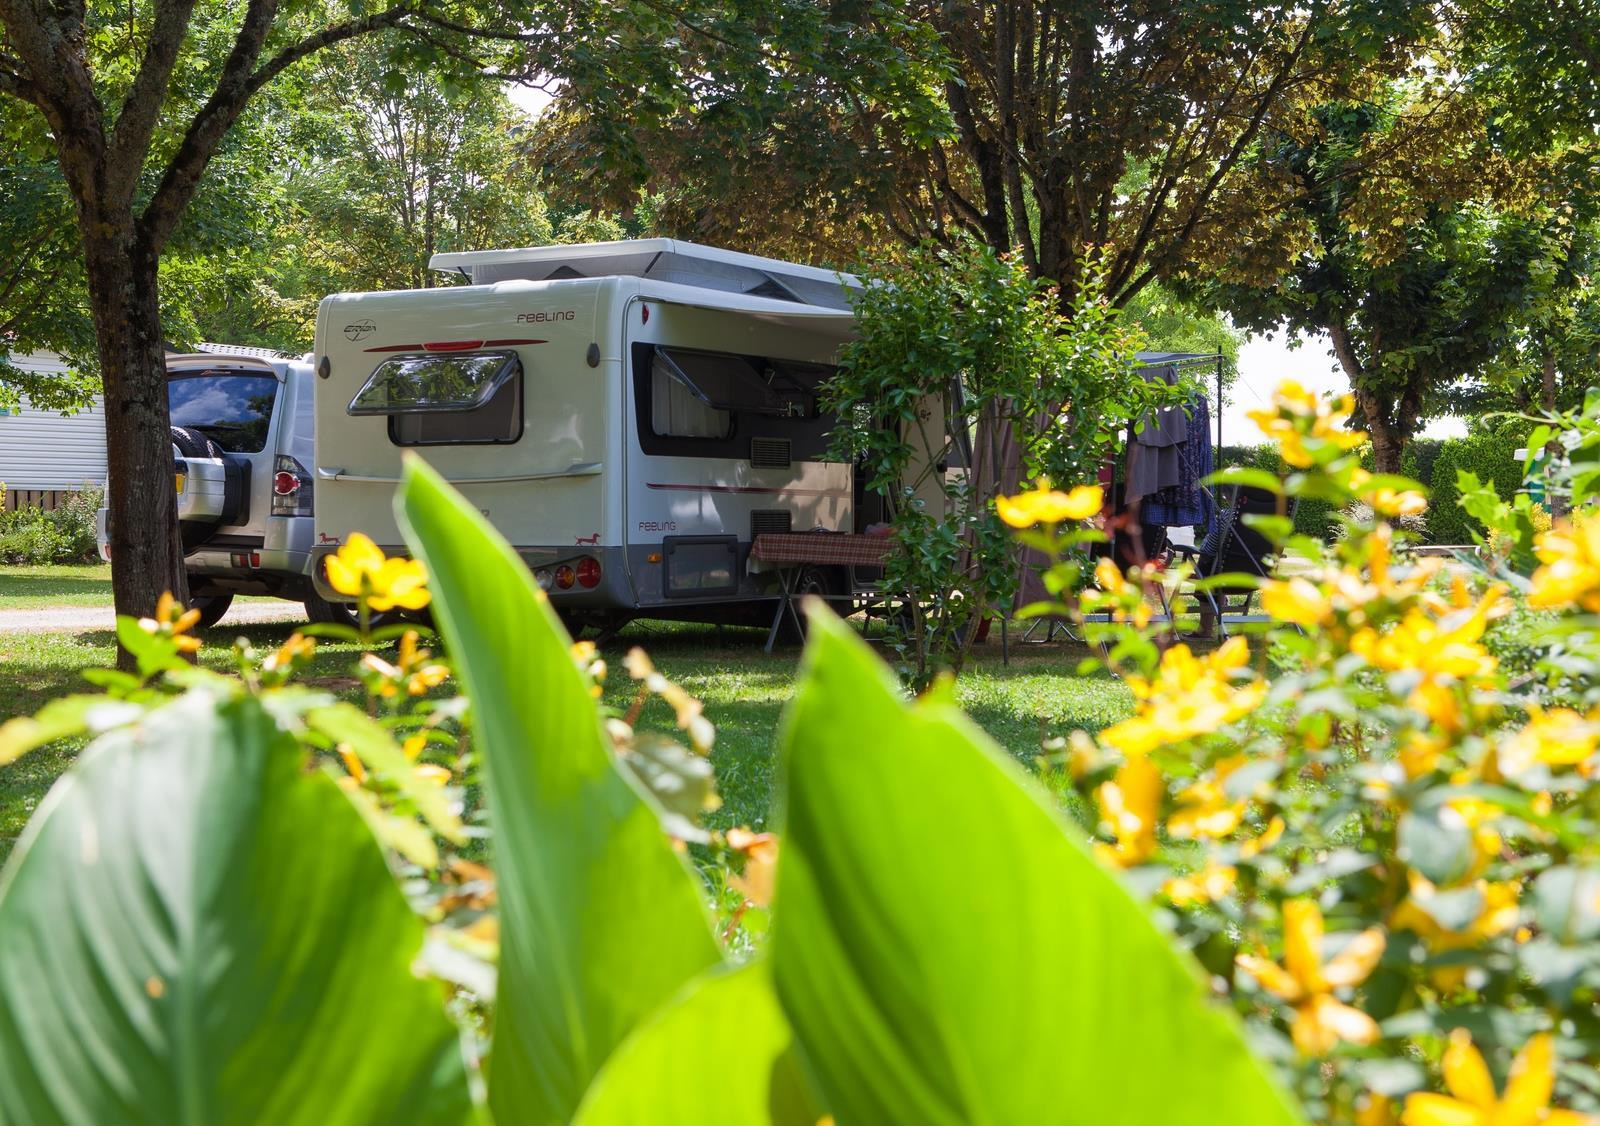 Emplacement - Emplacement Nature 80 À 100 M² - Camping Sites et Paysages Le Ventoulou